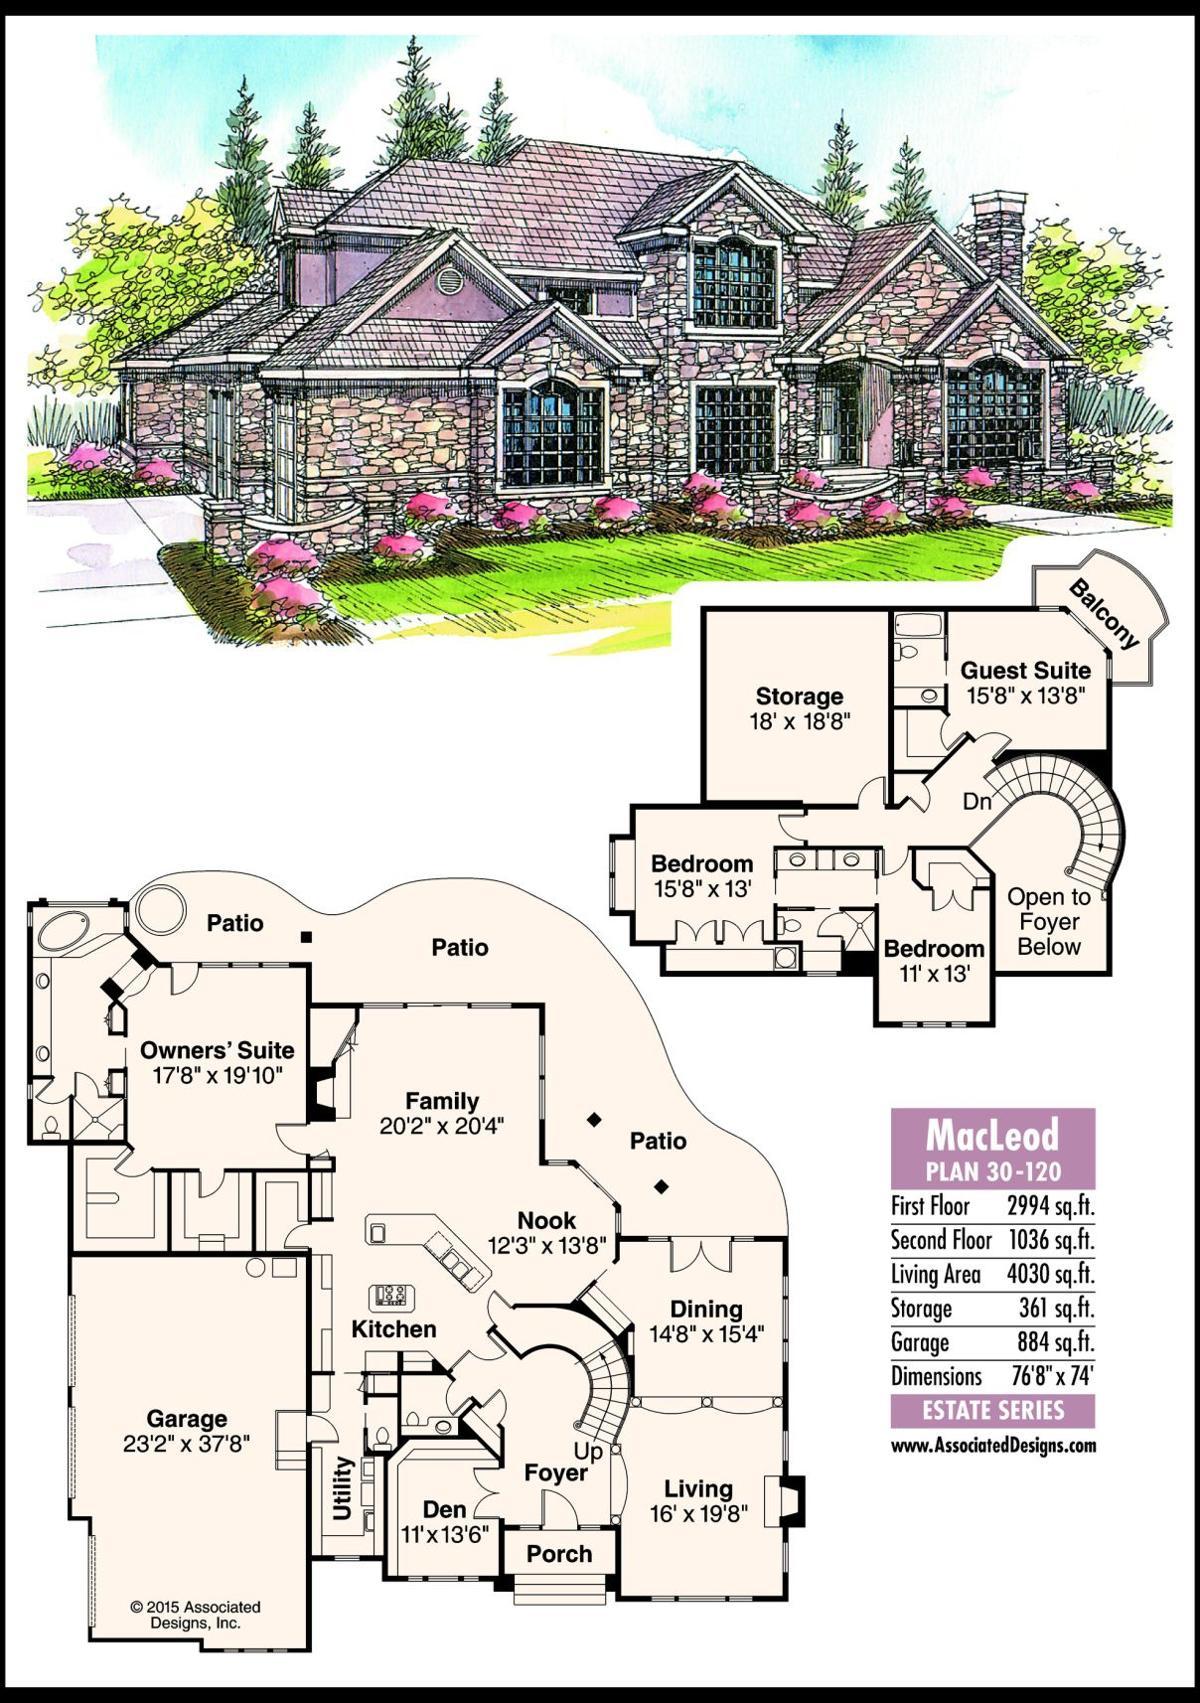 This week's house plan MacLeod 30-120